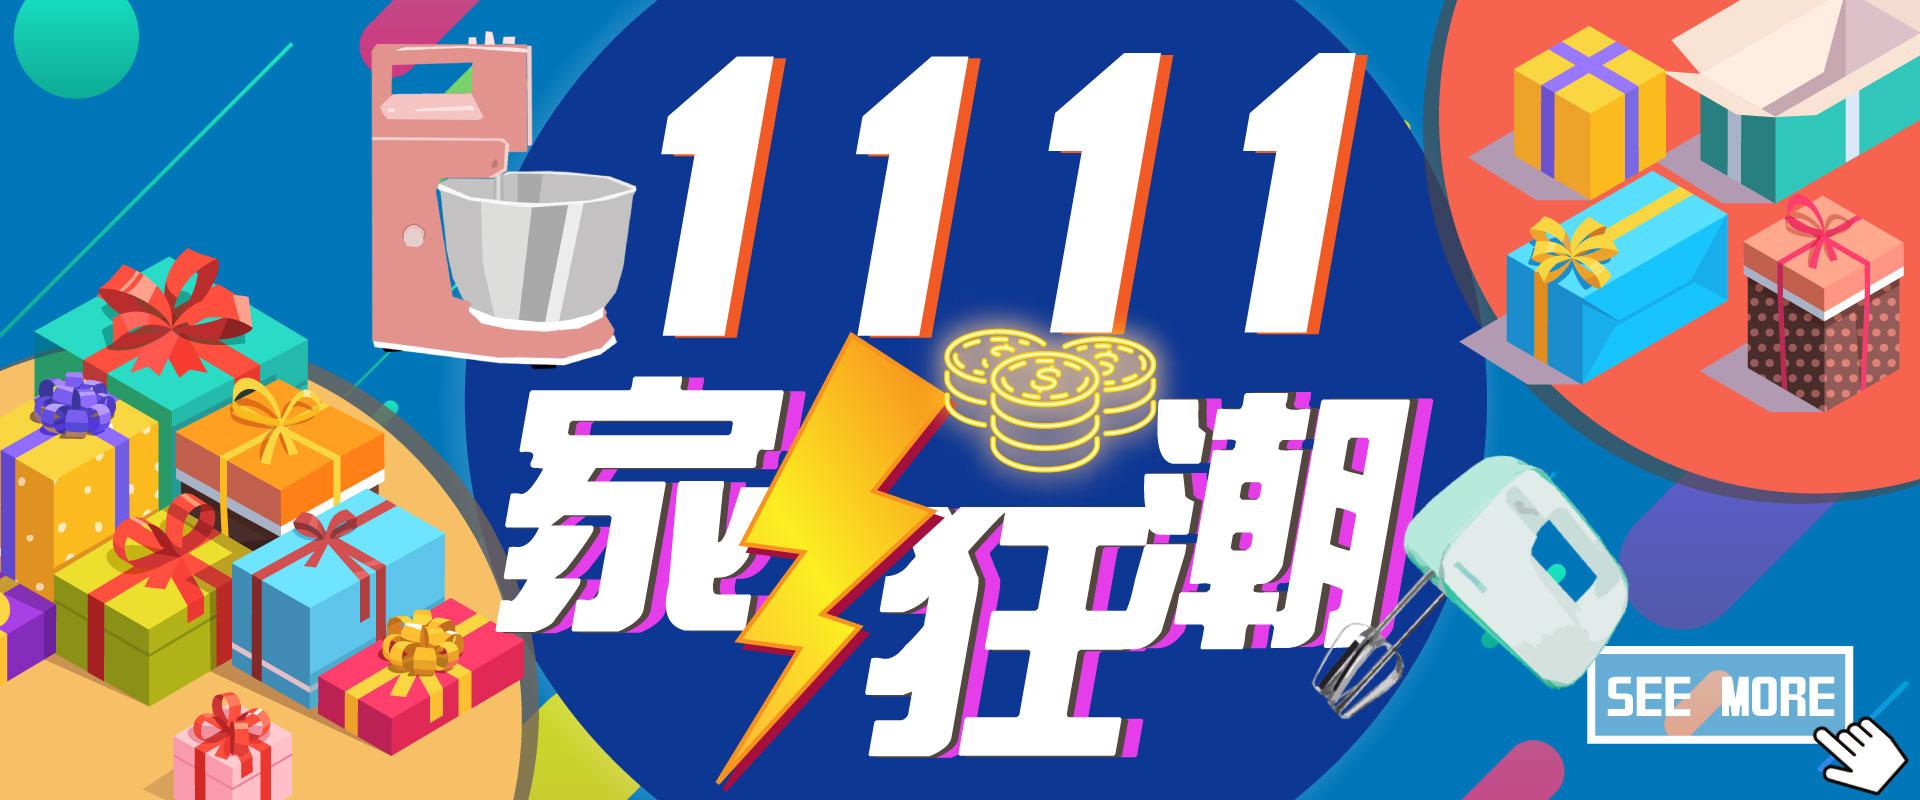 1111,雙11,光棍節,光棍,單身,雙十一,雙11狂歡節,雙11特惠